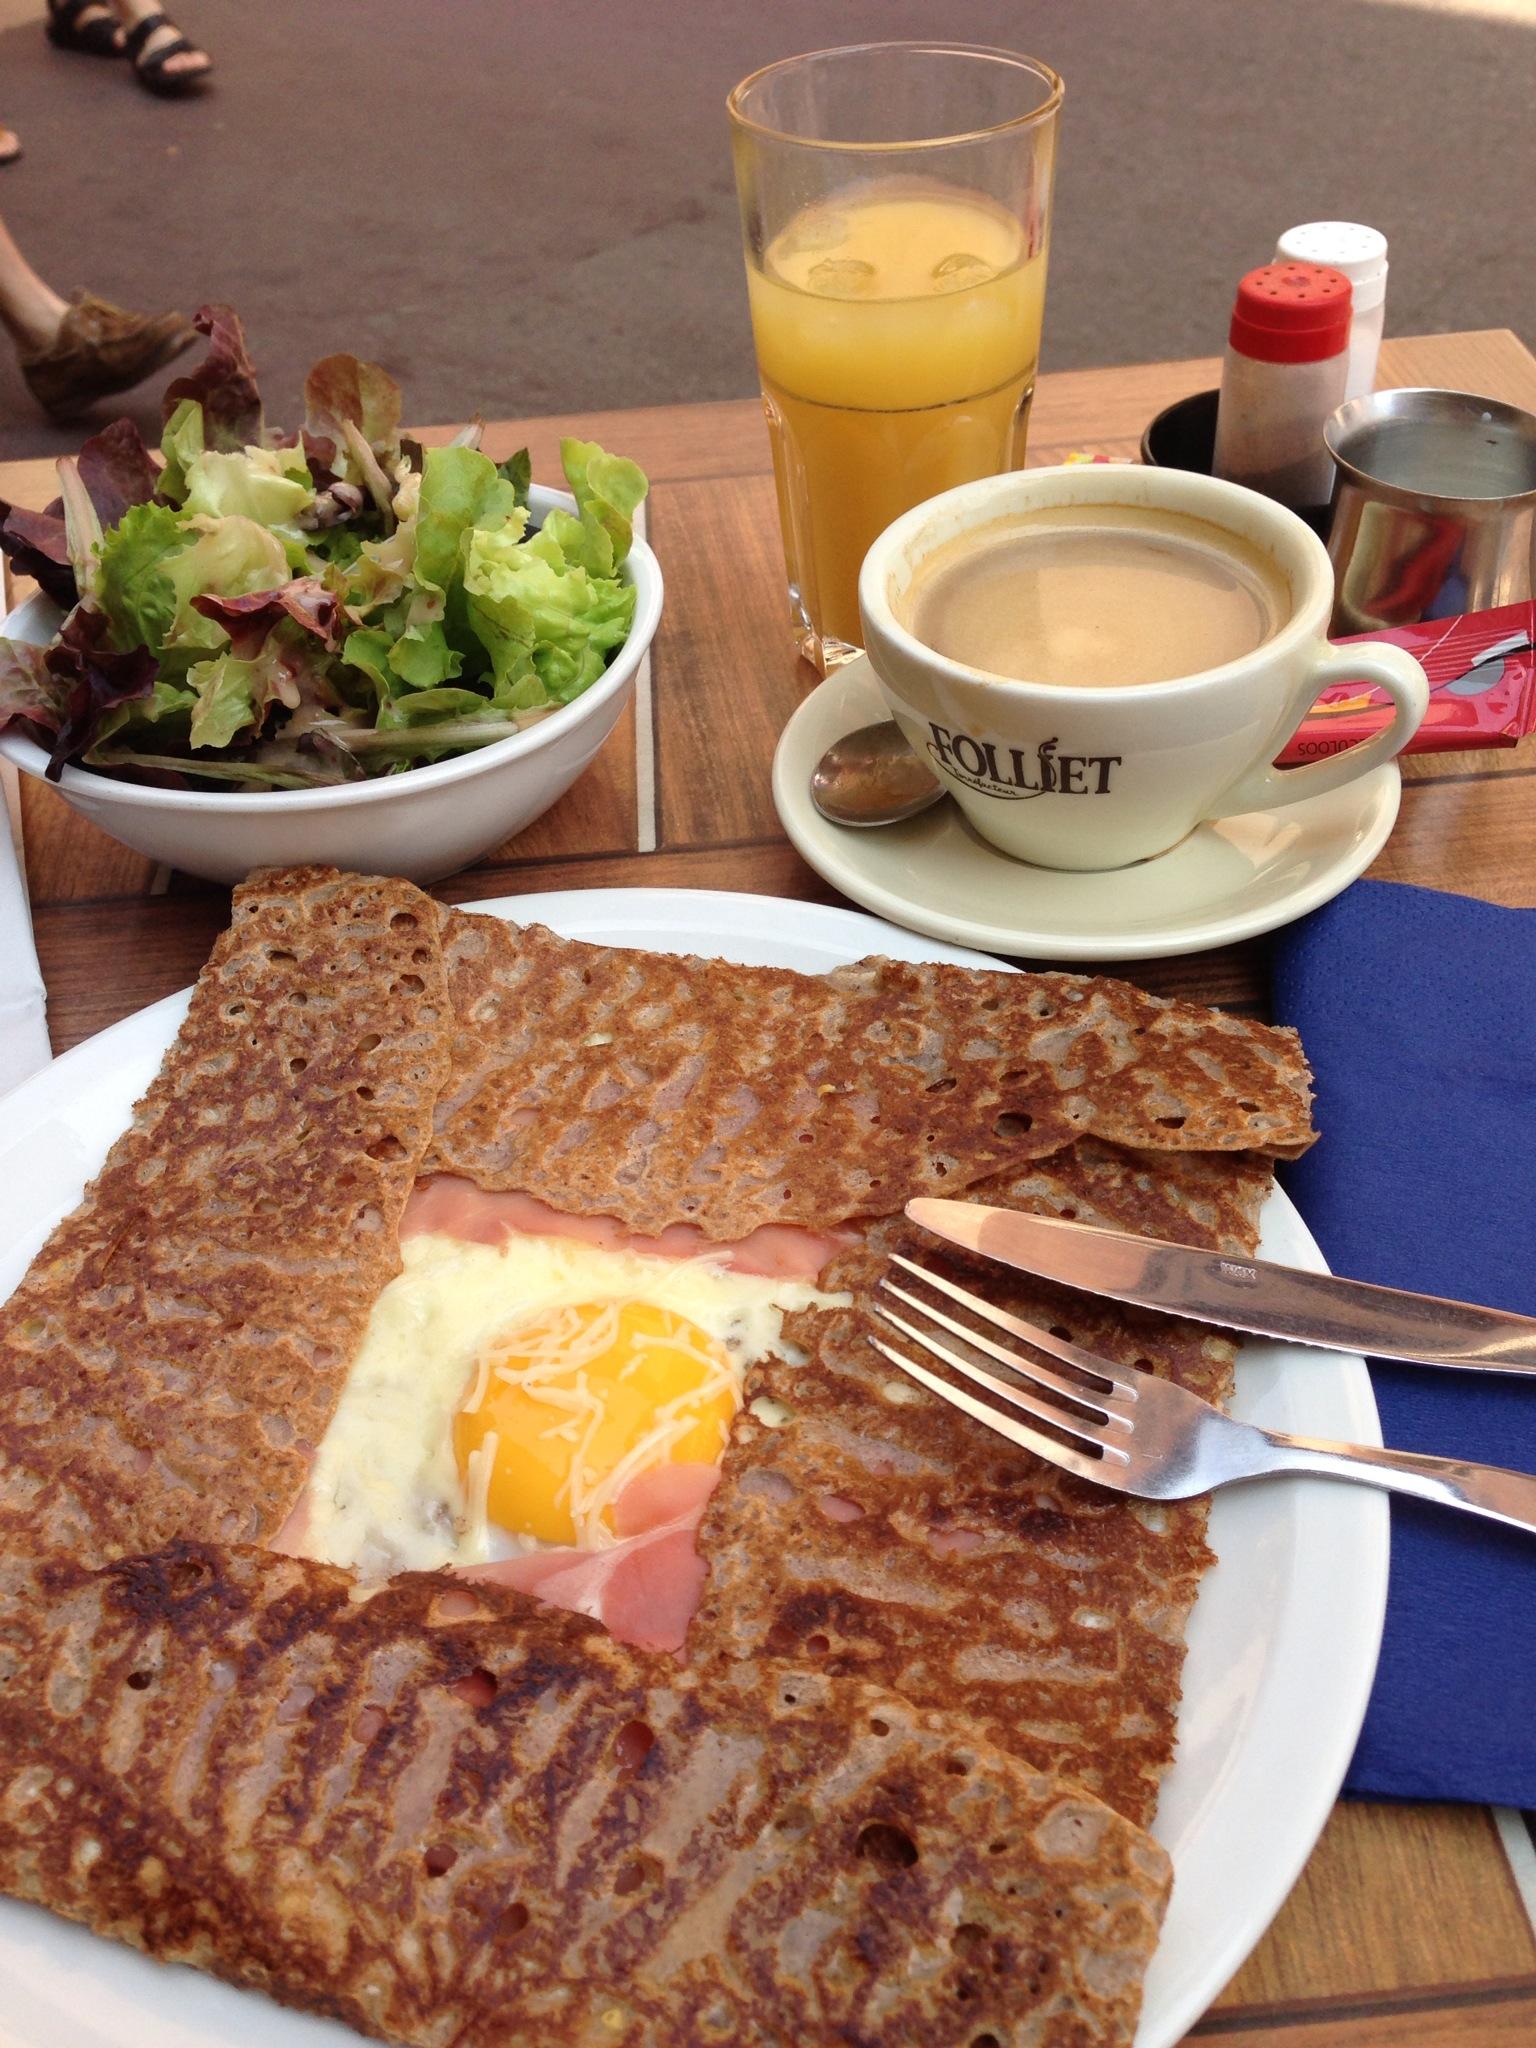 Cuisine : 5 spécialités bretonnes